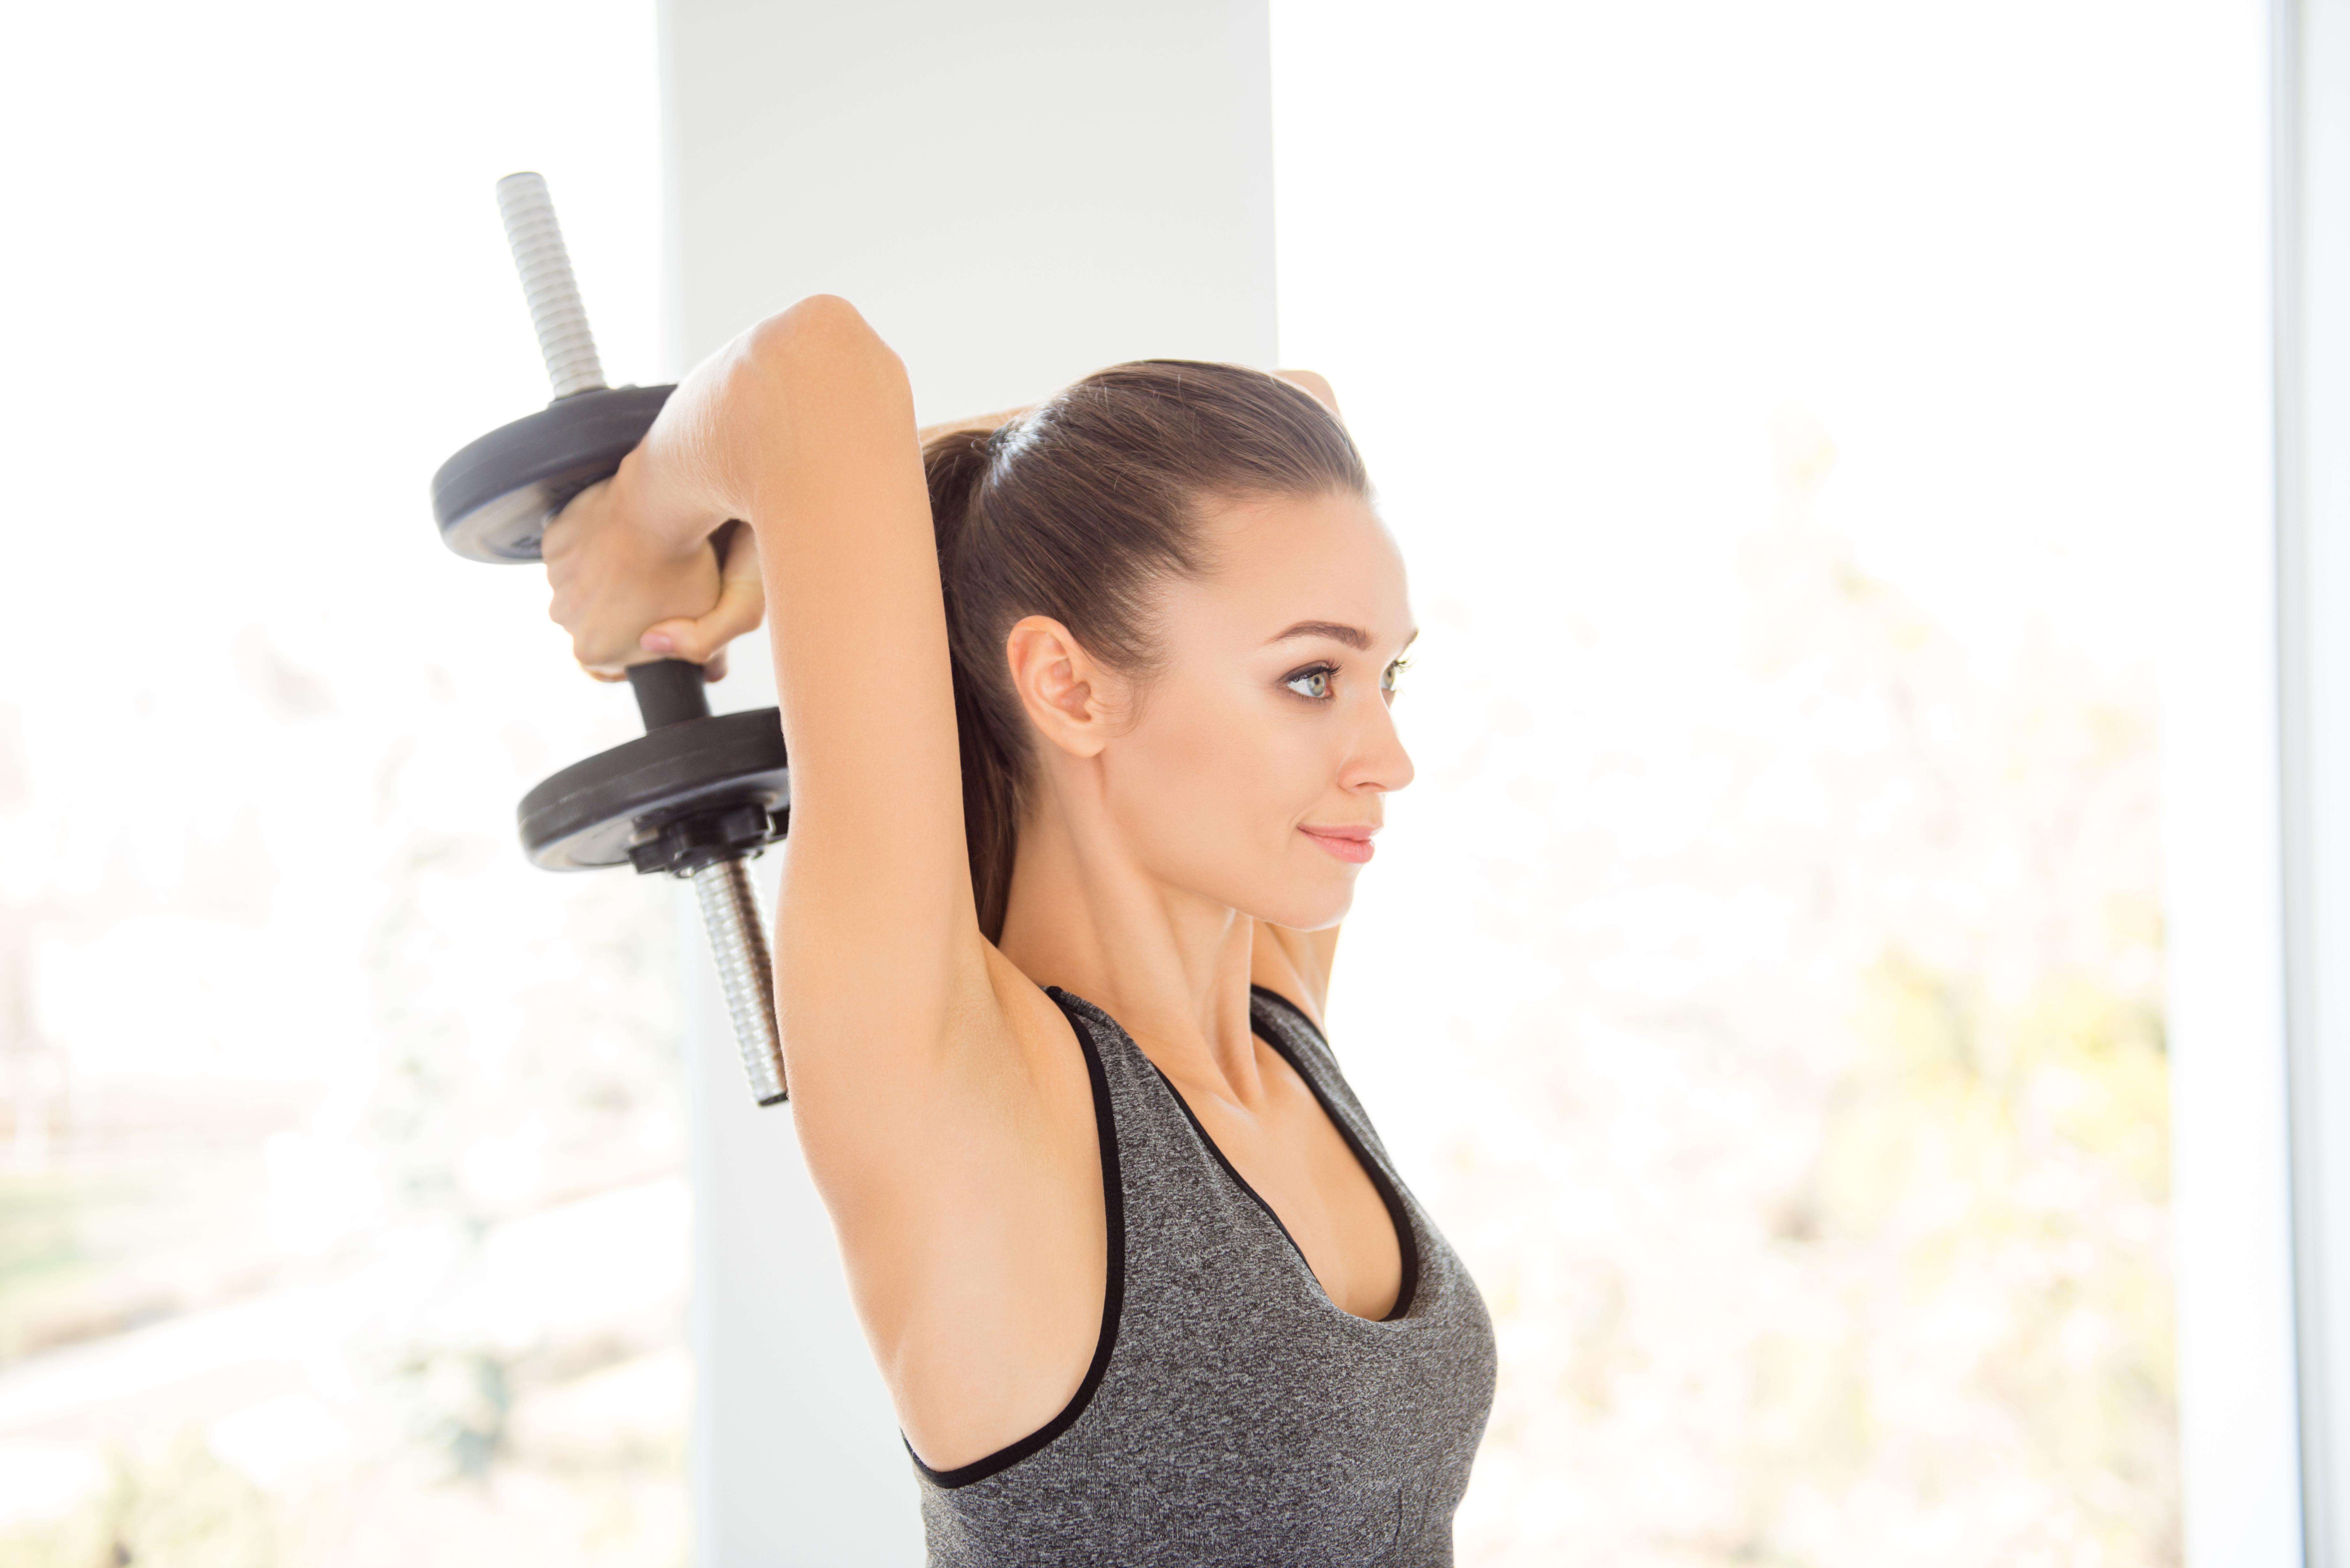 Вправи з гантелями для спини: формат тренувань домашнього використання